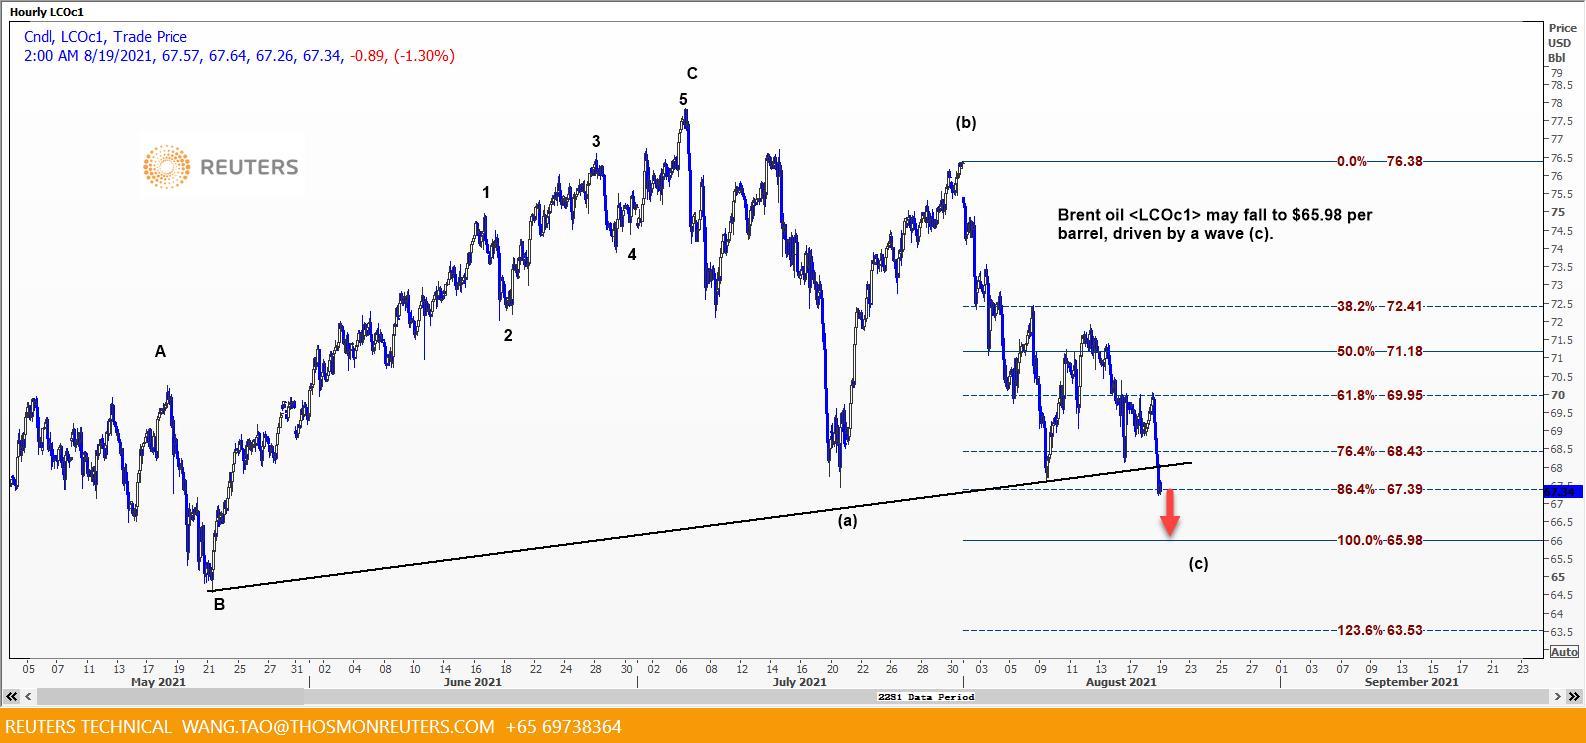 Giá dầu Brent có nguy cơ chỉ còn 65 USD - Ảnh 2.